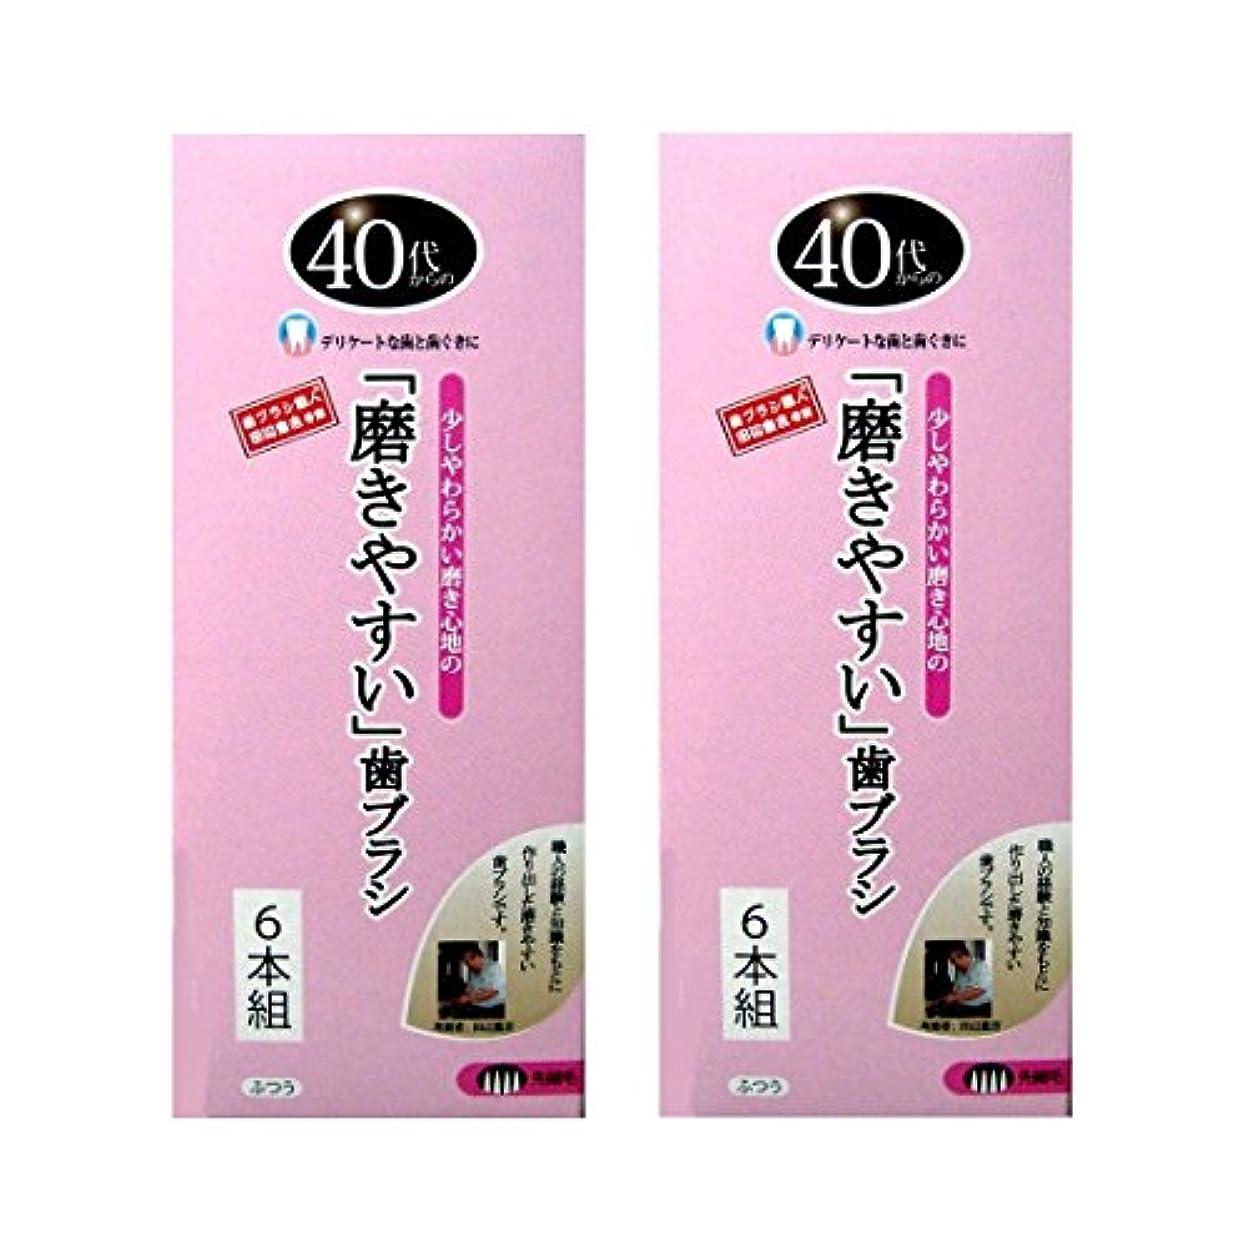 アドバイスリス湾歯ブラシ職人 田辺重吉考案 40代からの磨きやすい歯ブラシ 先細 6本組×2個セット